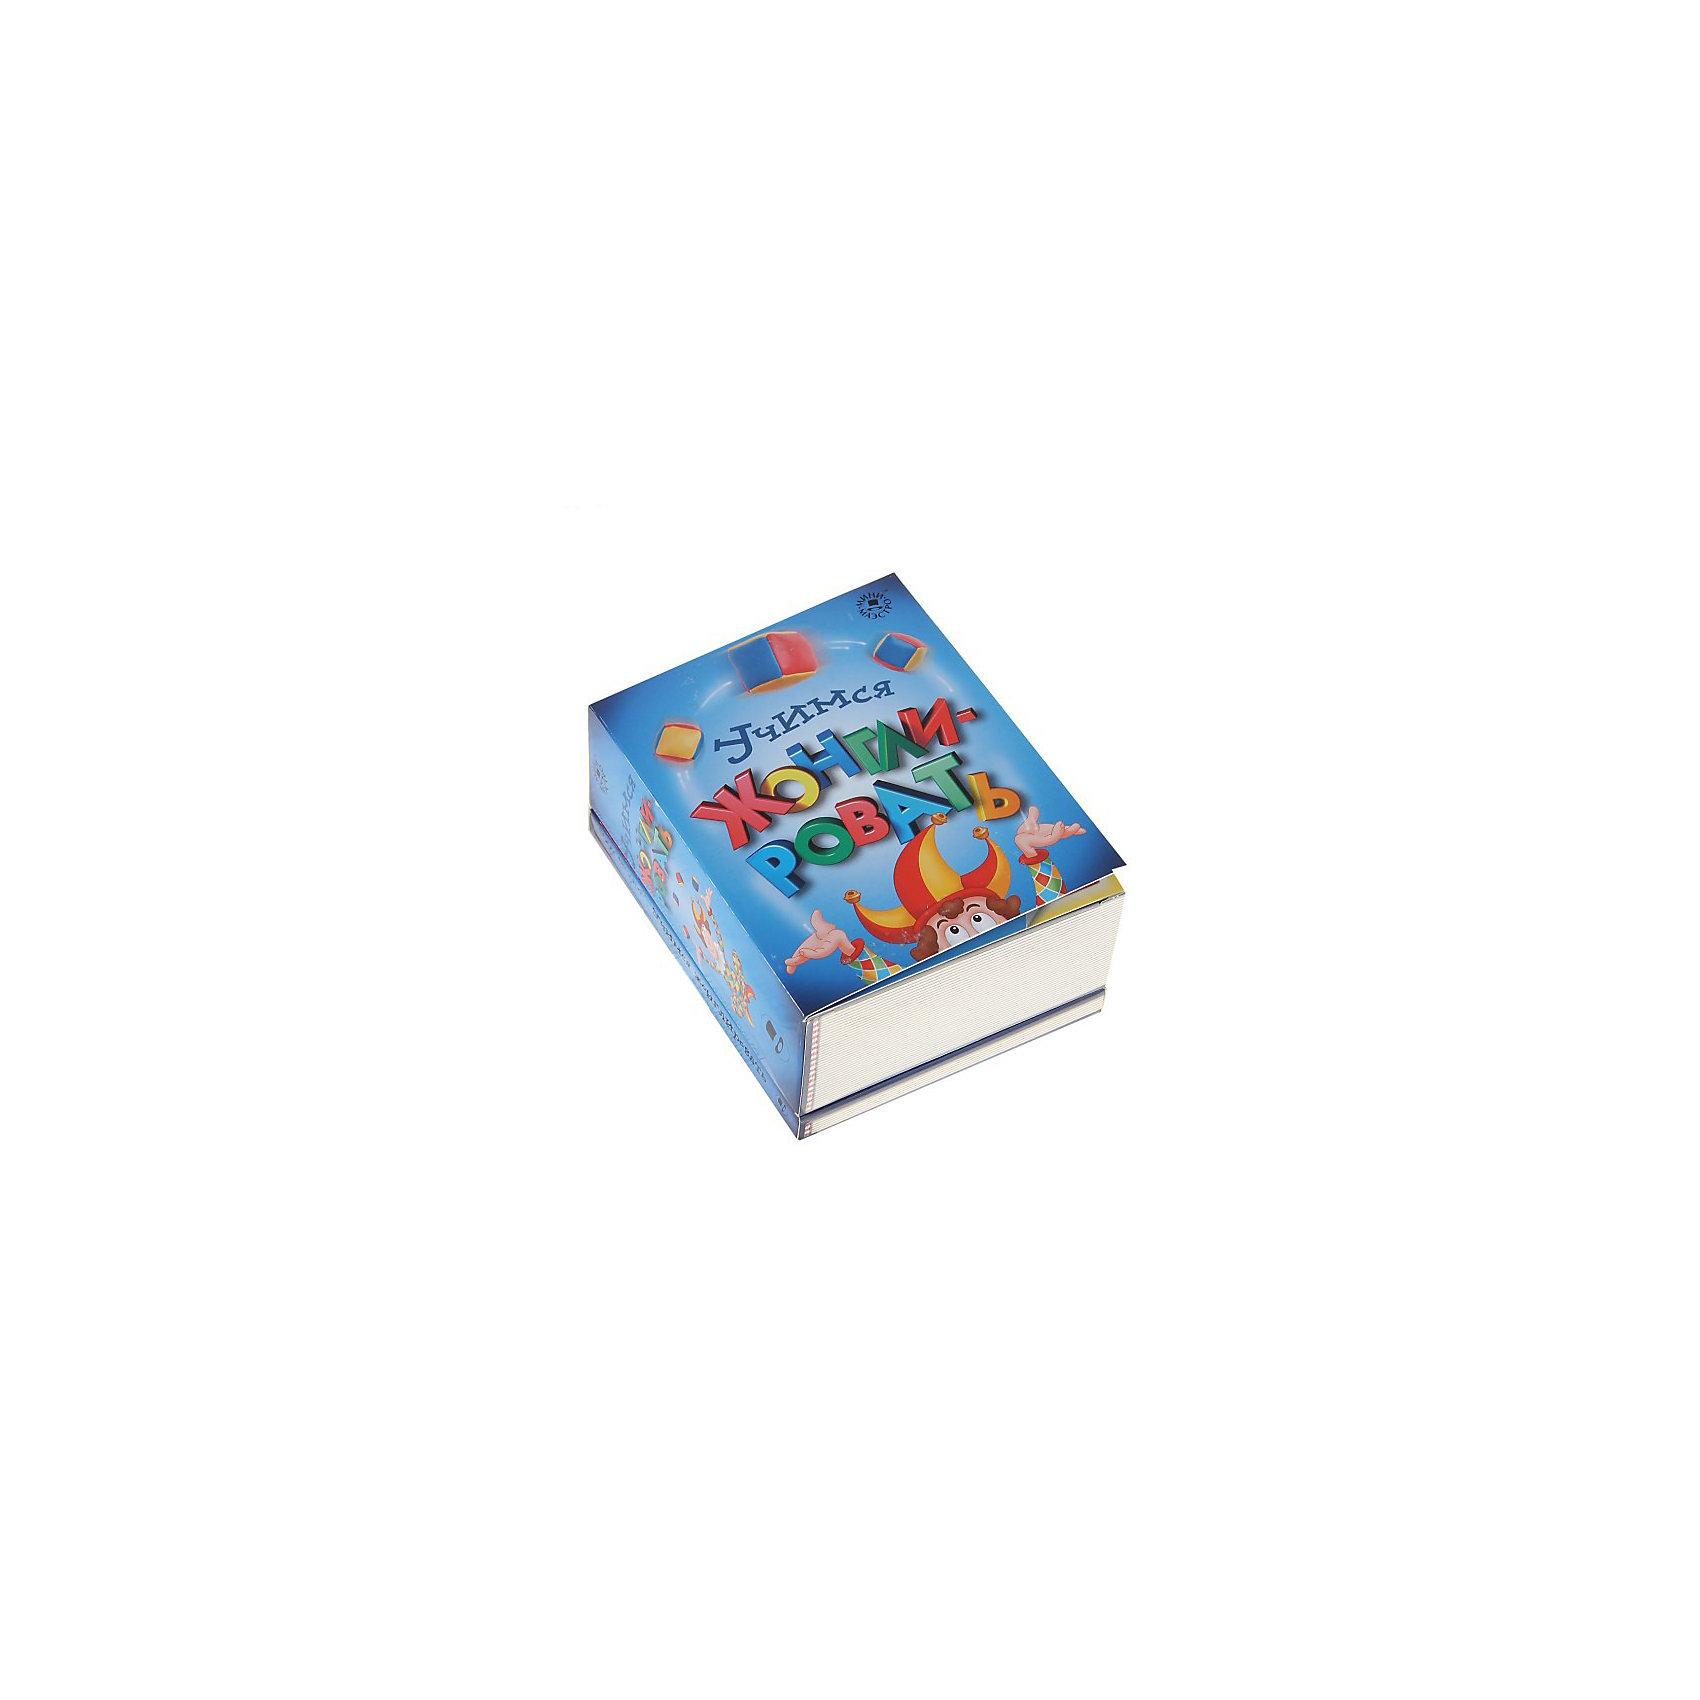 Набор Учимся жонглироватьФокусы и розыгрыши<br>Мини-маэстро «Учимся жонглировать» - набор из 4 специальных кубиков для жонглирования и 48-ми страничная книга с упражнениями – от простого к сложному. С ней ты быстро научишься жонглировать мячами, кольцами, и булавами. <br>Дополнительная информация:<br>В набор входит:<br>- Книга с инструкциями 48 стр., цв. илл.,<br>- 4 кубика для жонглирования.<br>Размер упаковки (д/ш/в): 95 х 52 х 120 мм<br>Теперь ты сможешь стать профессиональным жонглером! Начни прямо сейчас! И научи друзей!<br><br>Ширина мм: 95<br>Глубина мм: 52<br>Высота мм: 120<br>Вес г: 300<br>Возраст от месяцев: 72<br>Возраст до месяцев: 144<br>Пол: Унисекс<br>Возраст: Детский<br>SKU: 2358221